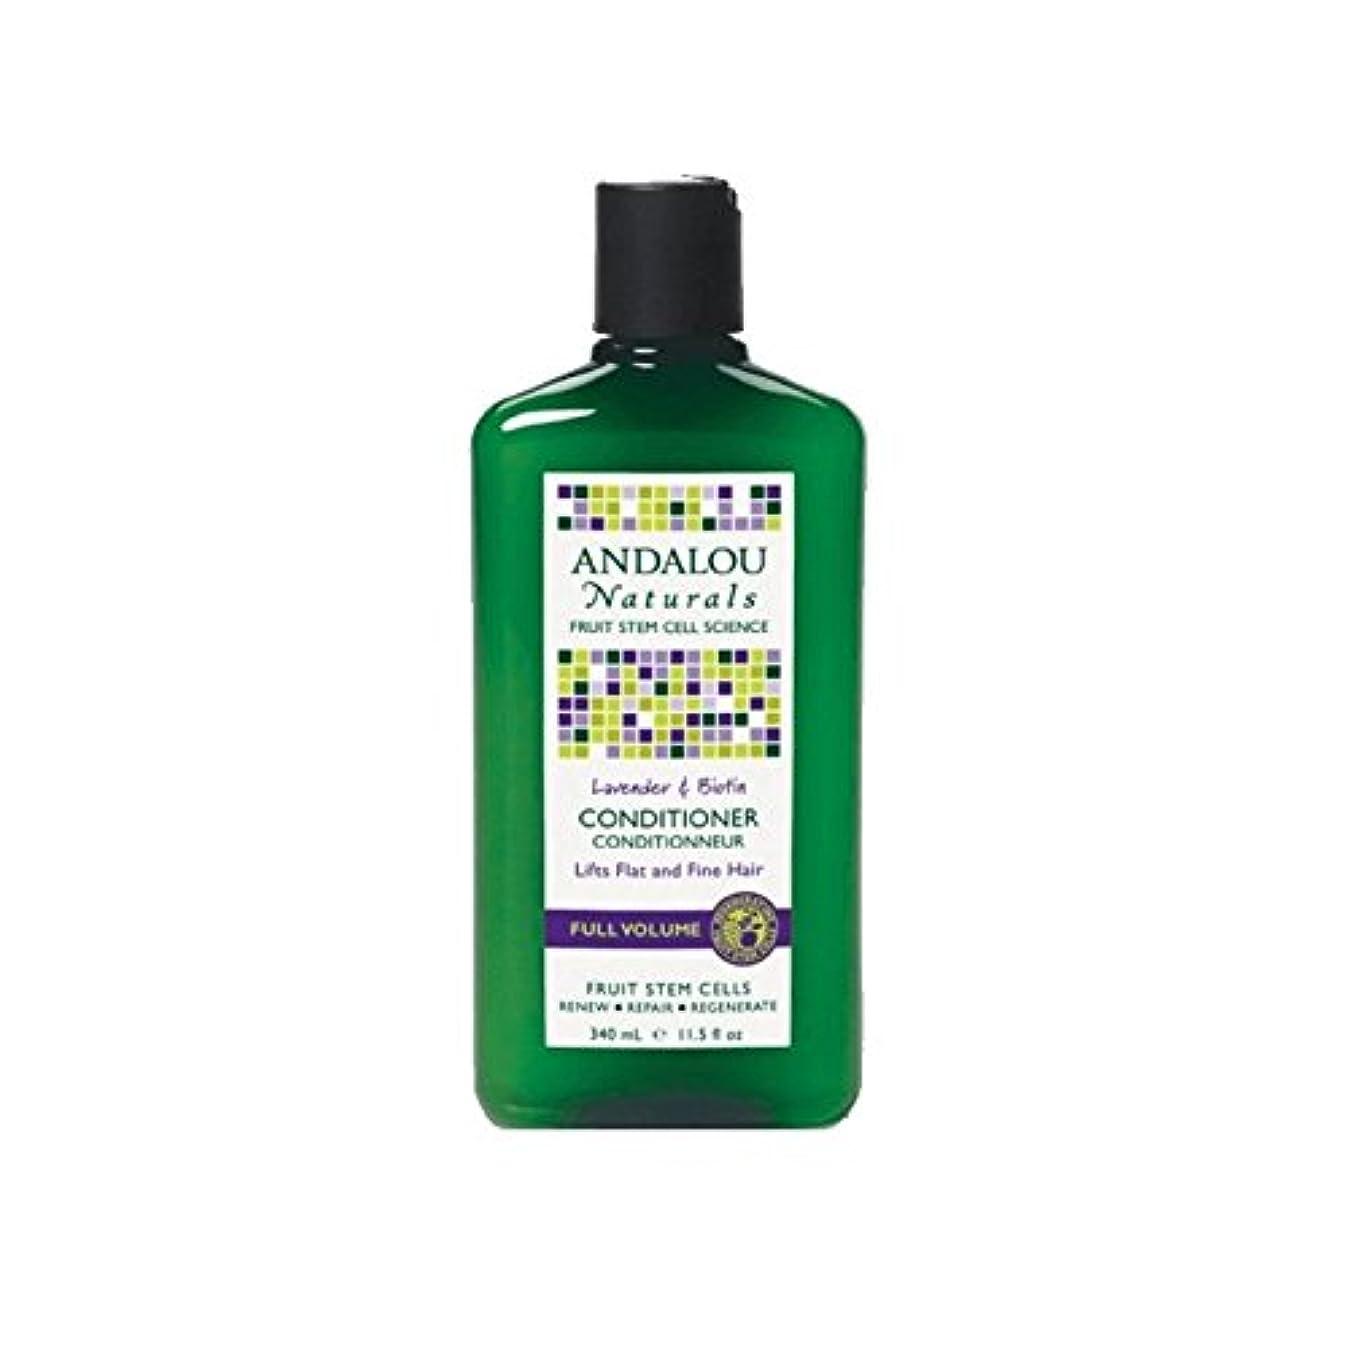 路地野な途方もないアンダロウラベンダー&ビオチンフルボリュームコンディショナー340ミリリットル - Andalou Lavender & Biotin Full Volume Conditioner 340ml (Andalou) [並行輸入品]